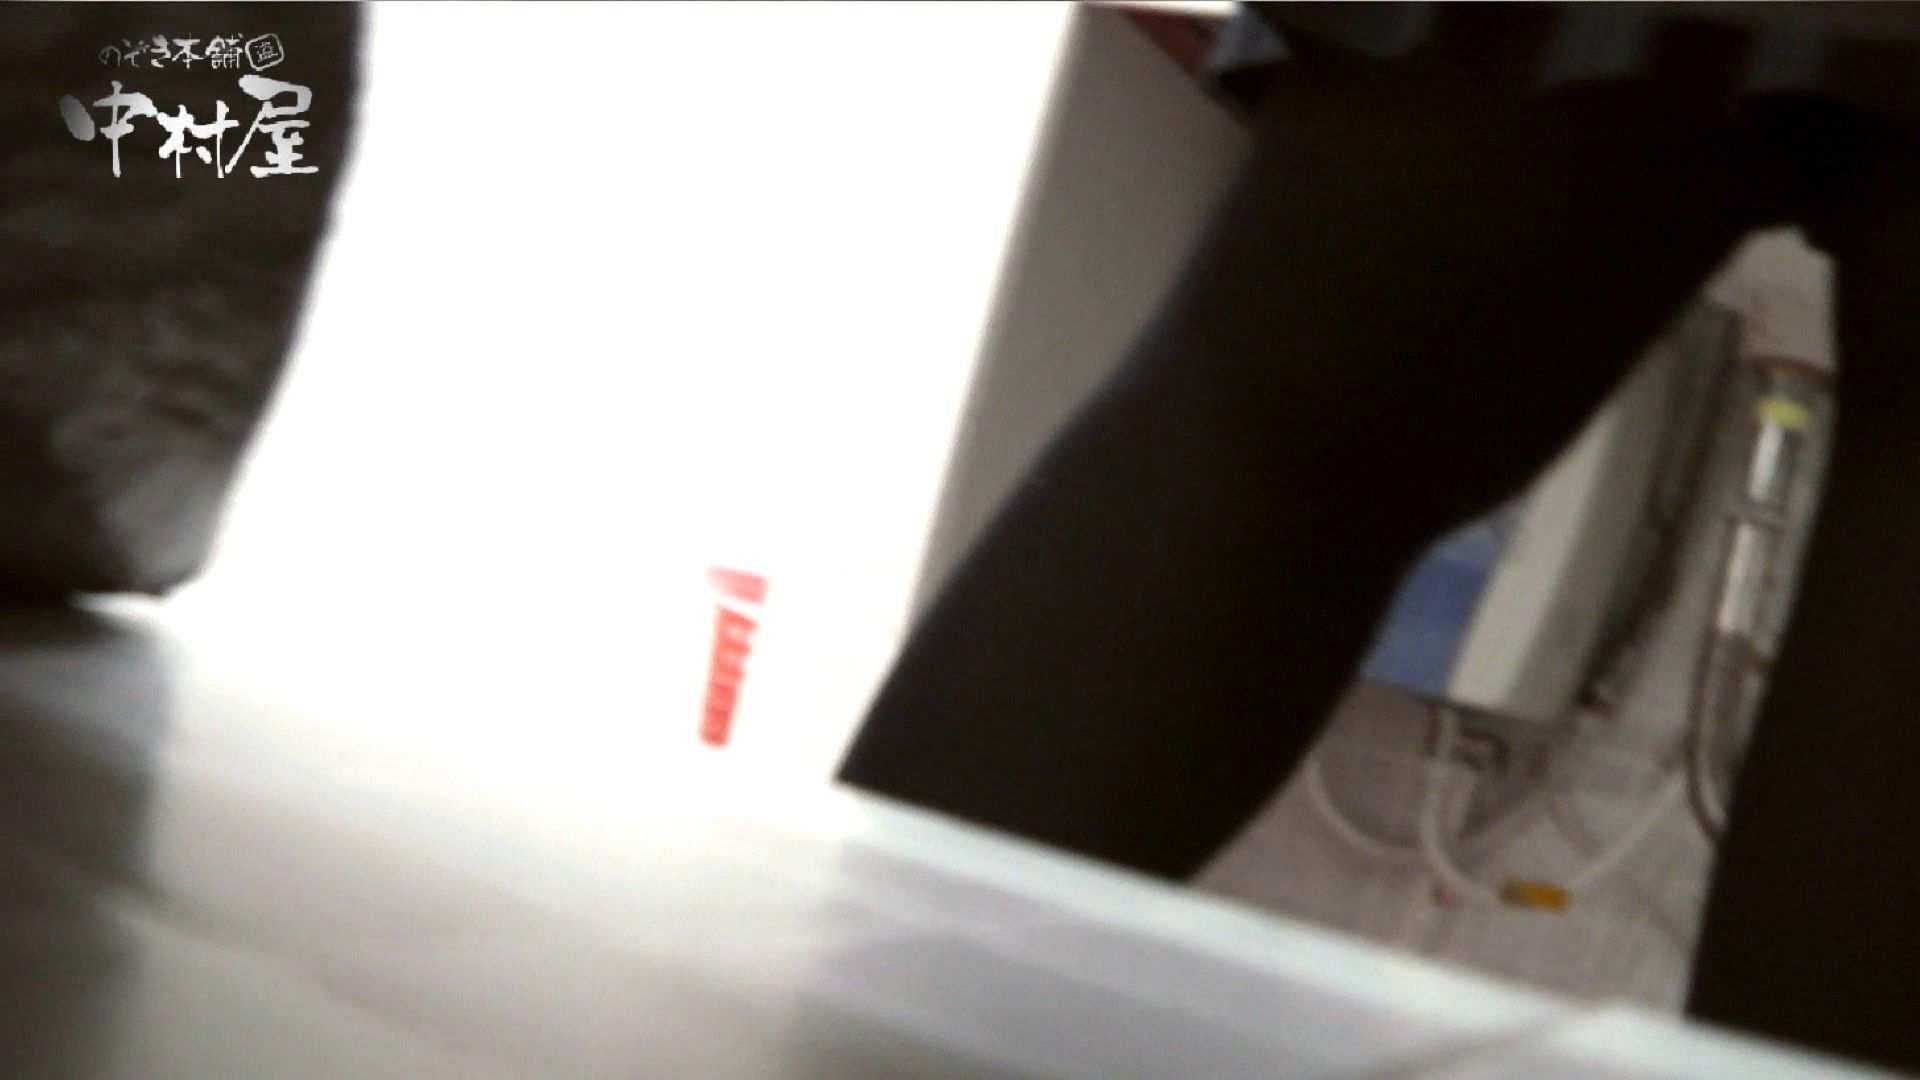 【世界の射窓から】世界の射窓から vol.12 OLエロ画像  83PICs 30